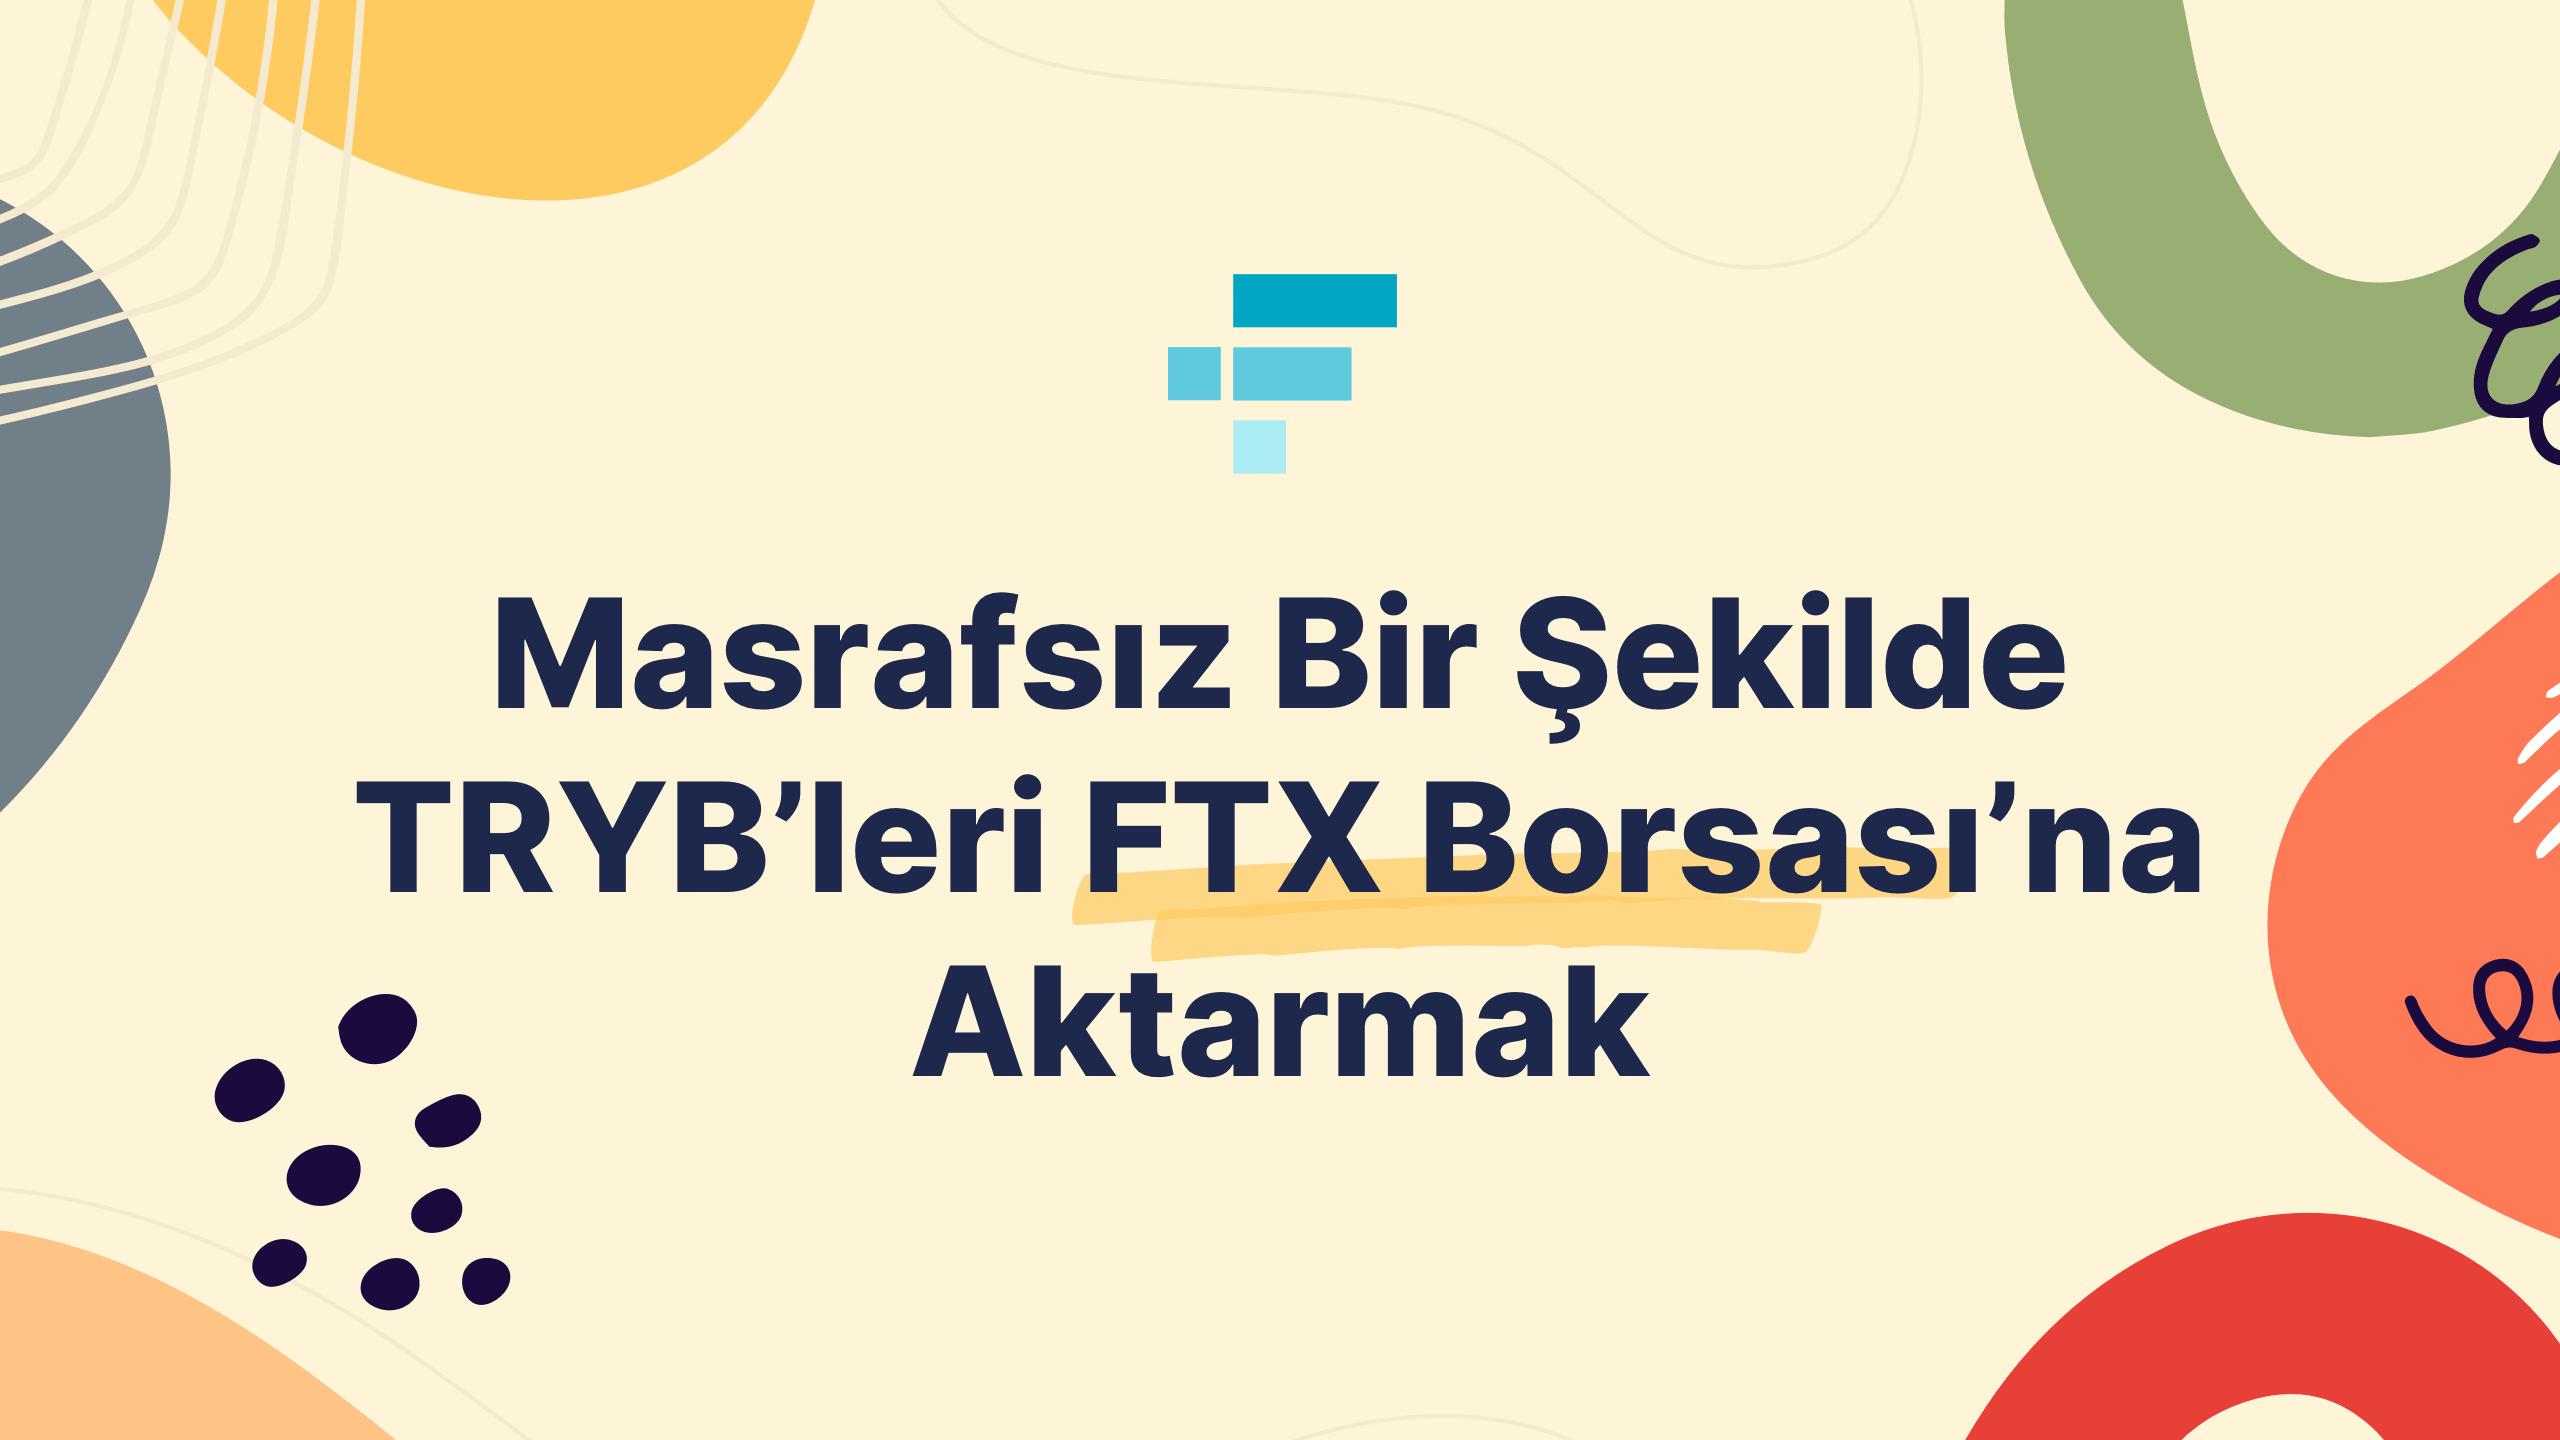 Masrafsız Bir Şekilde TRYB'leri FTX Borsası'na Aktarmak